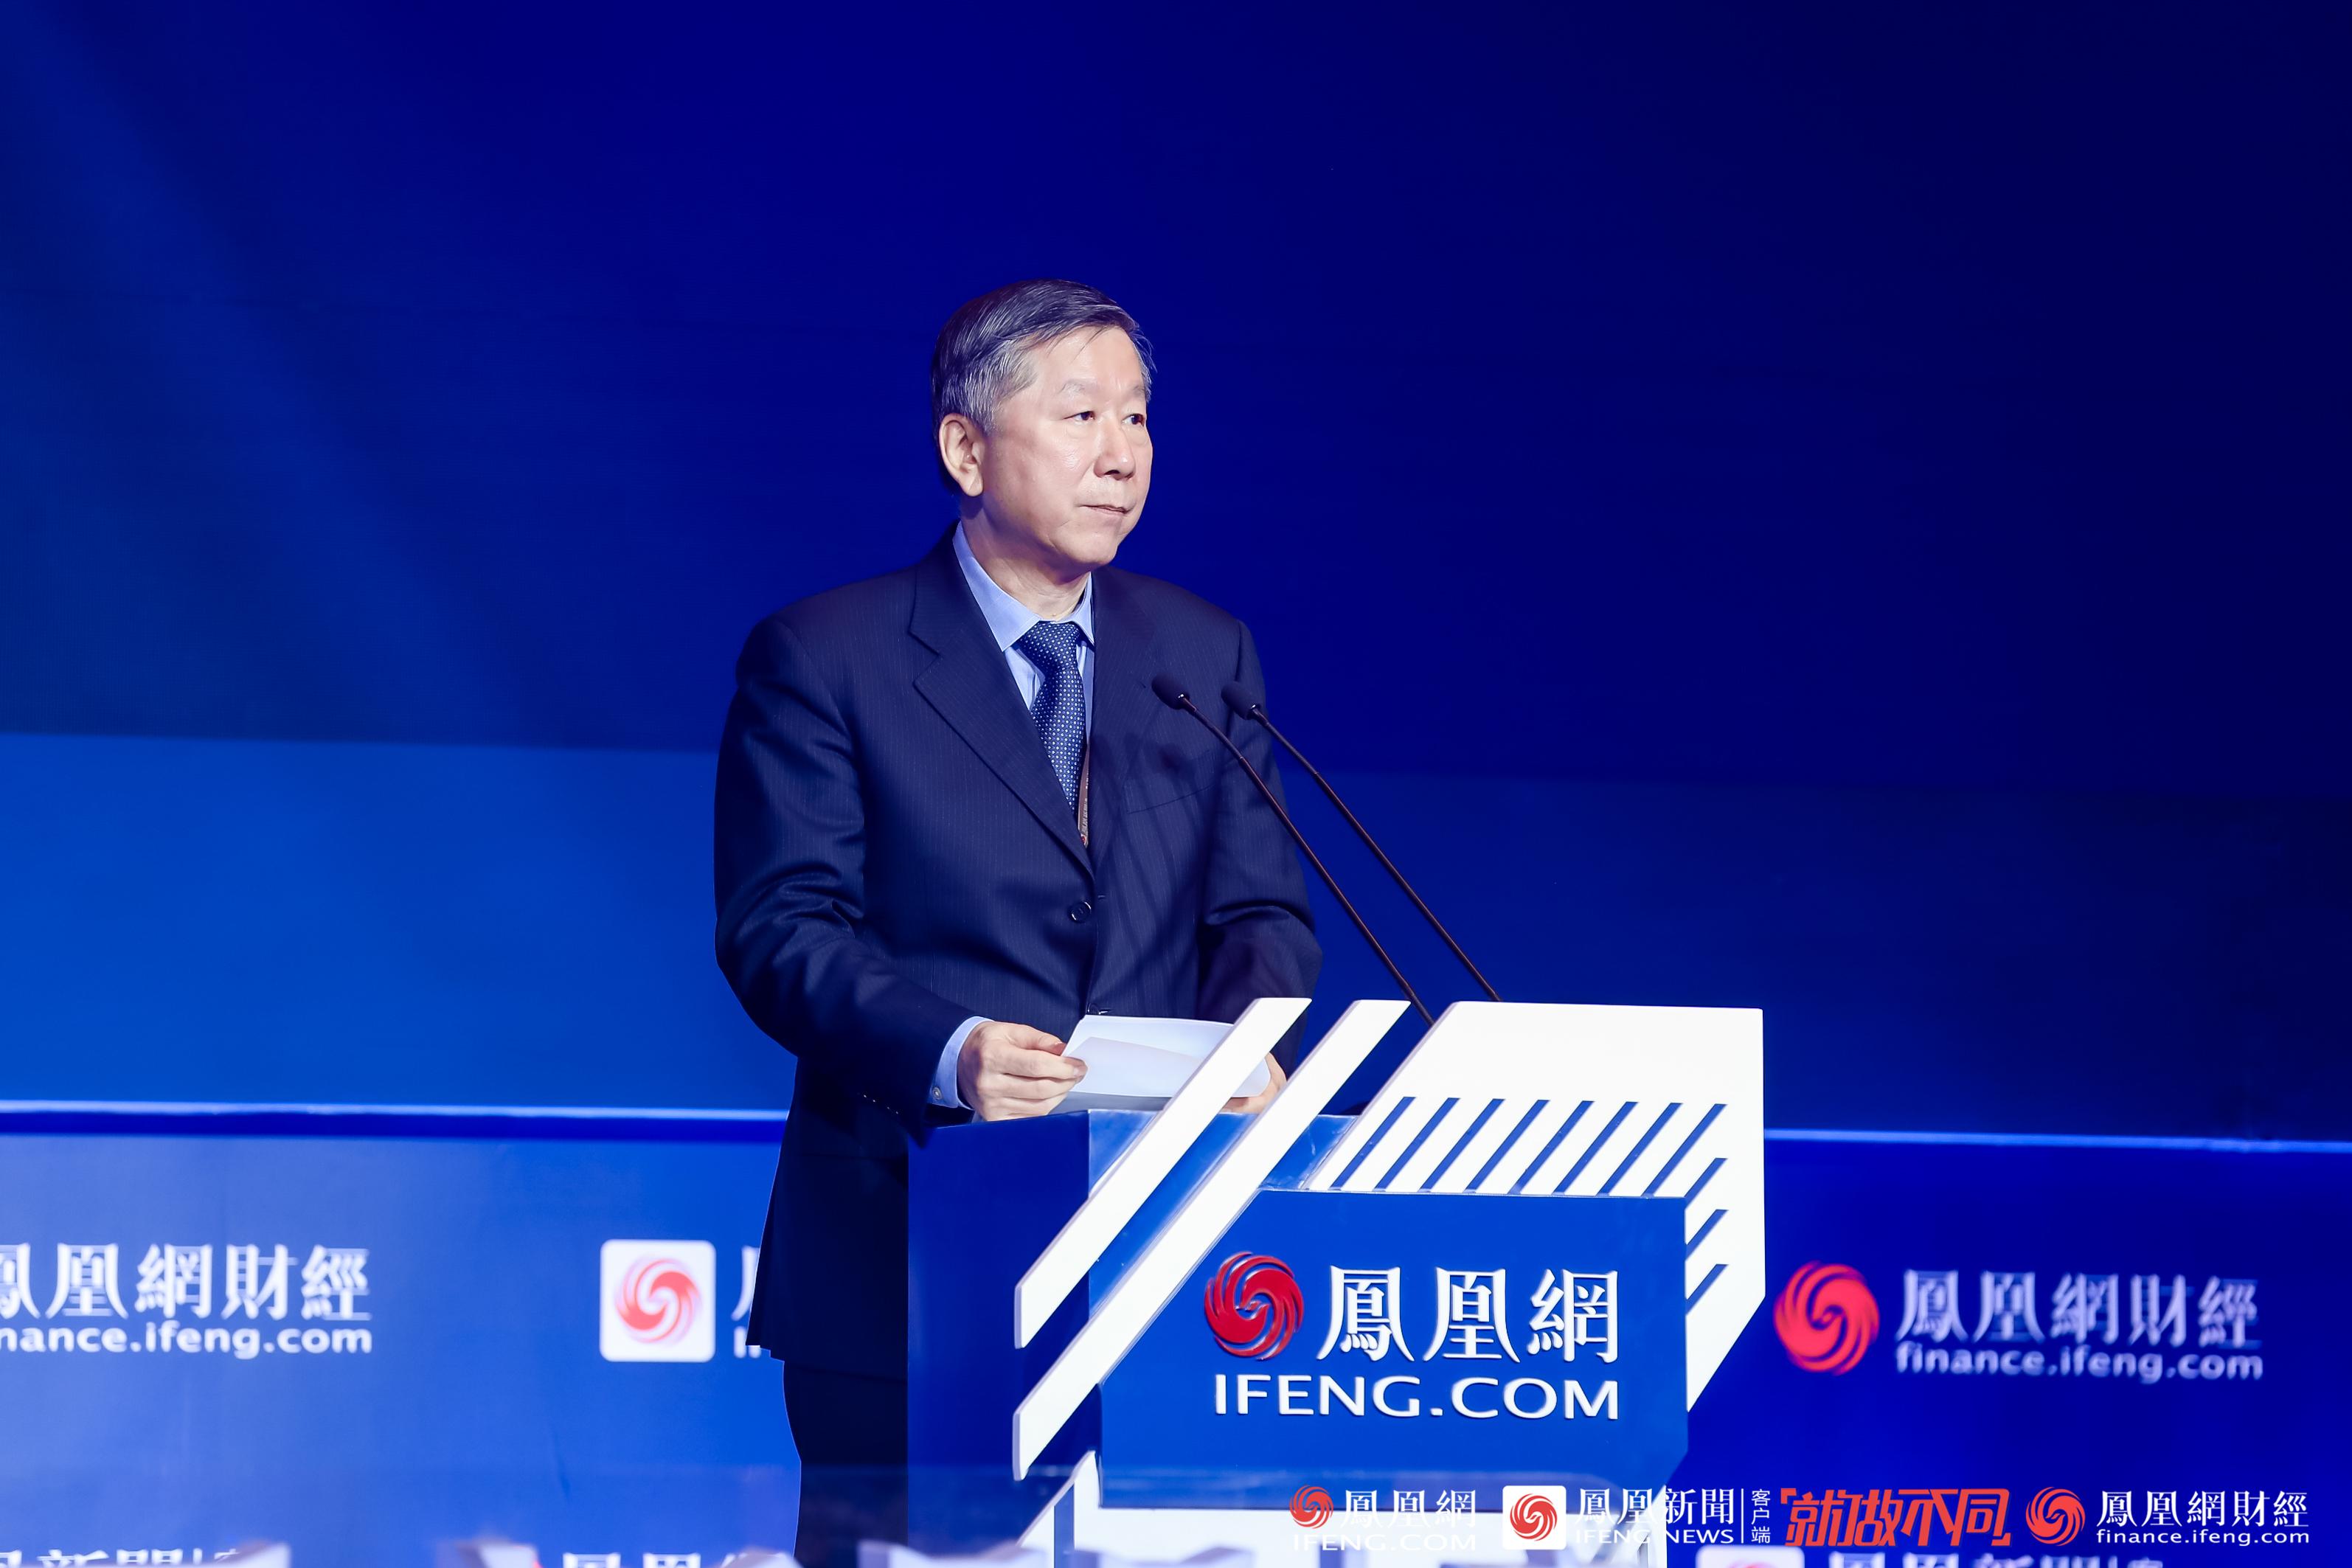 尚福林:19家民营银行总资产已超1万亿,经营总体平稳试点成效明显